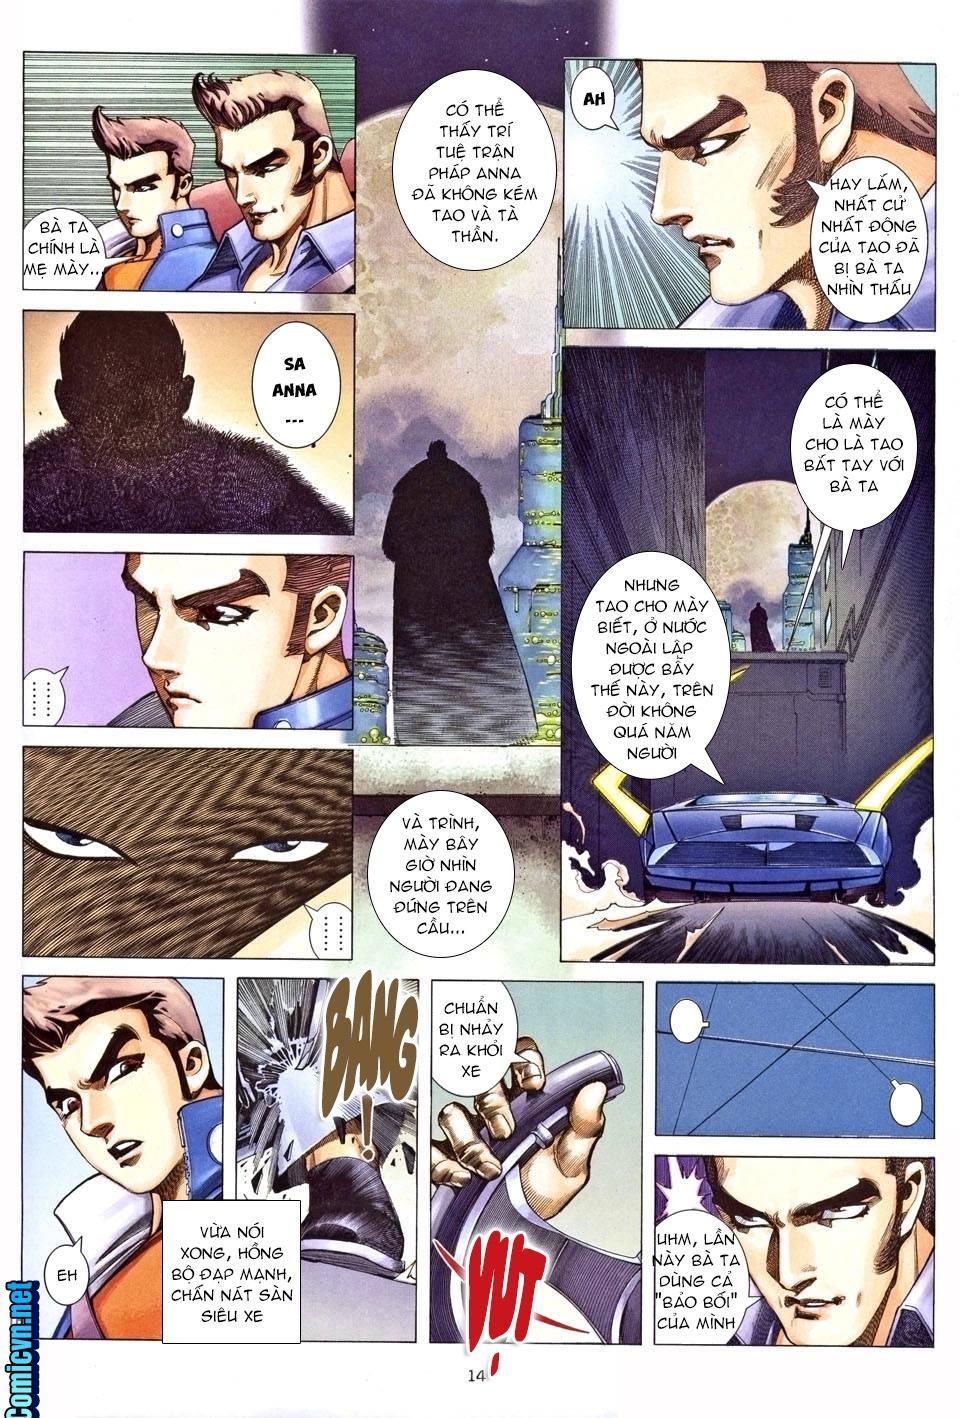 Xích Trụ Phạn Đường chap 25.2 - Trang 2